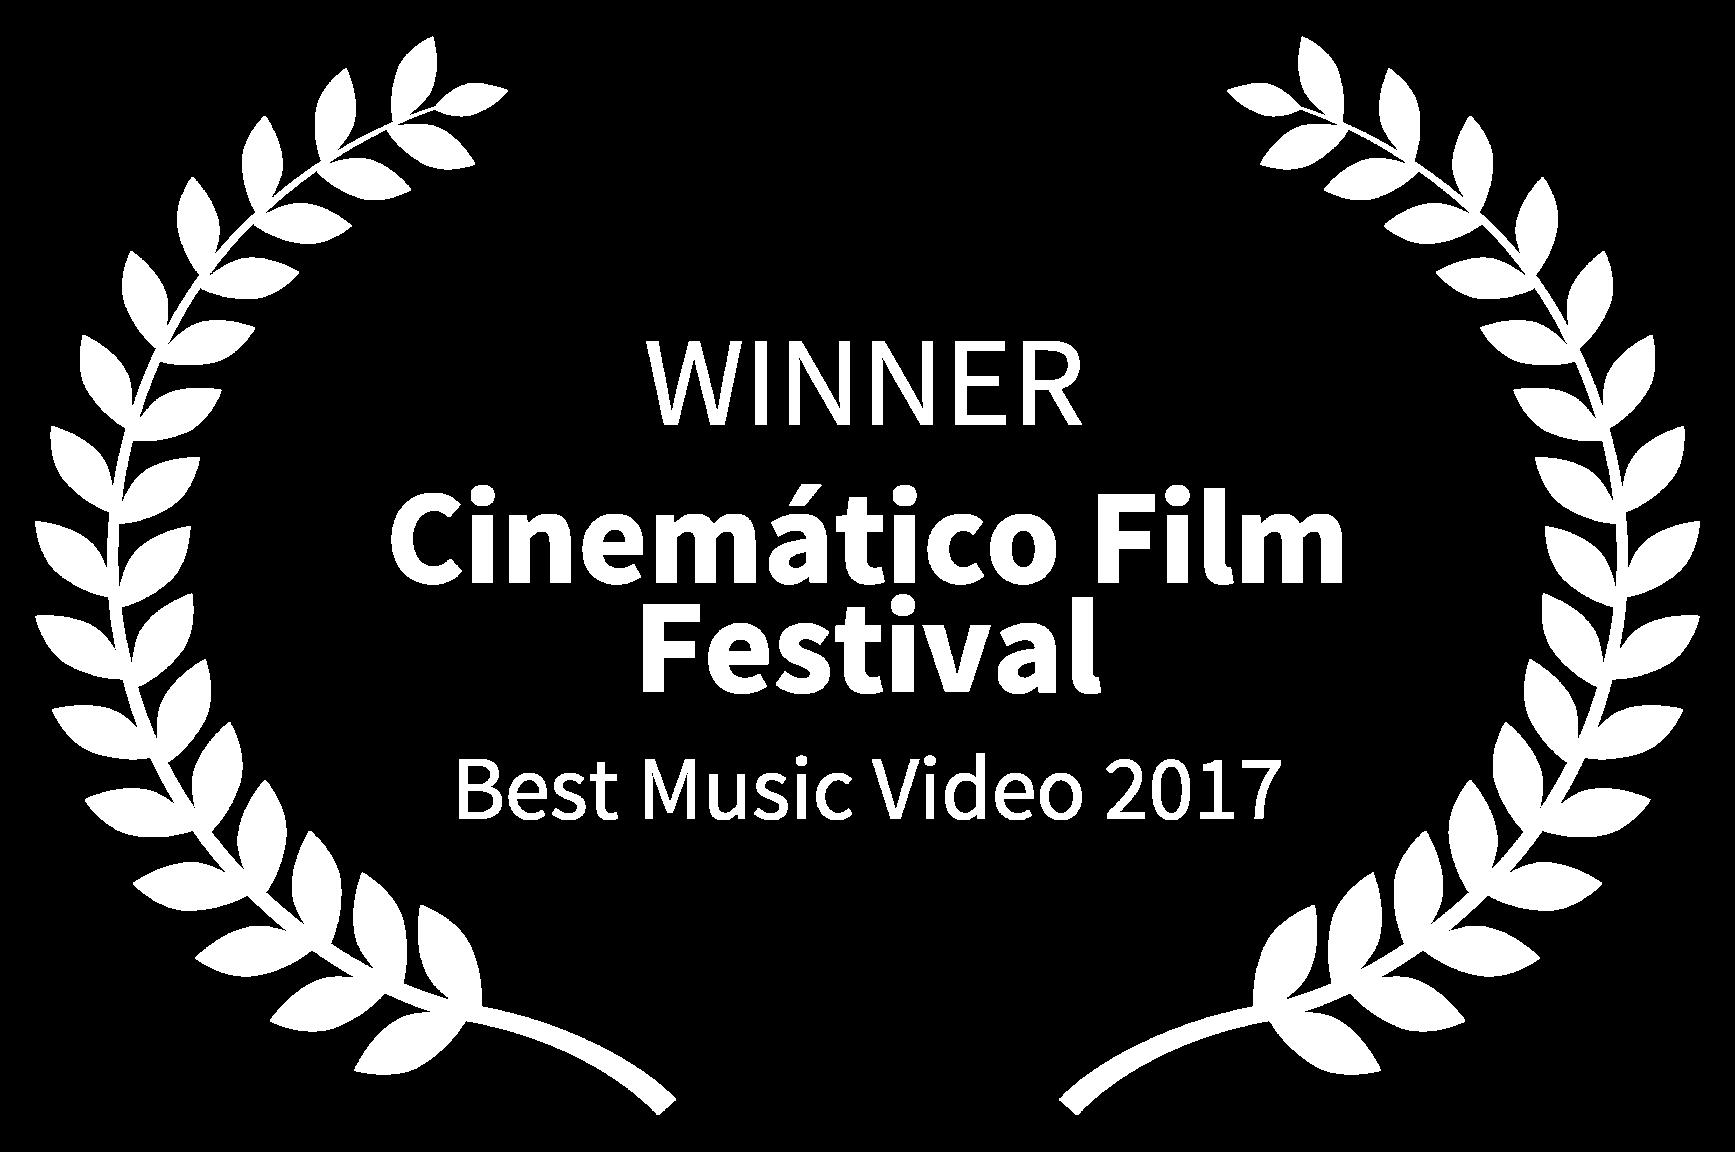 WINNER - Cinemtico Film Festival - Best